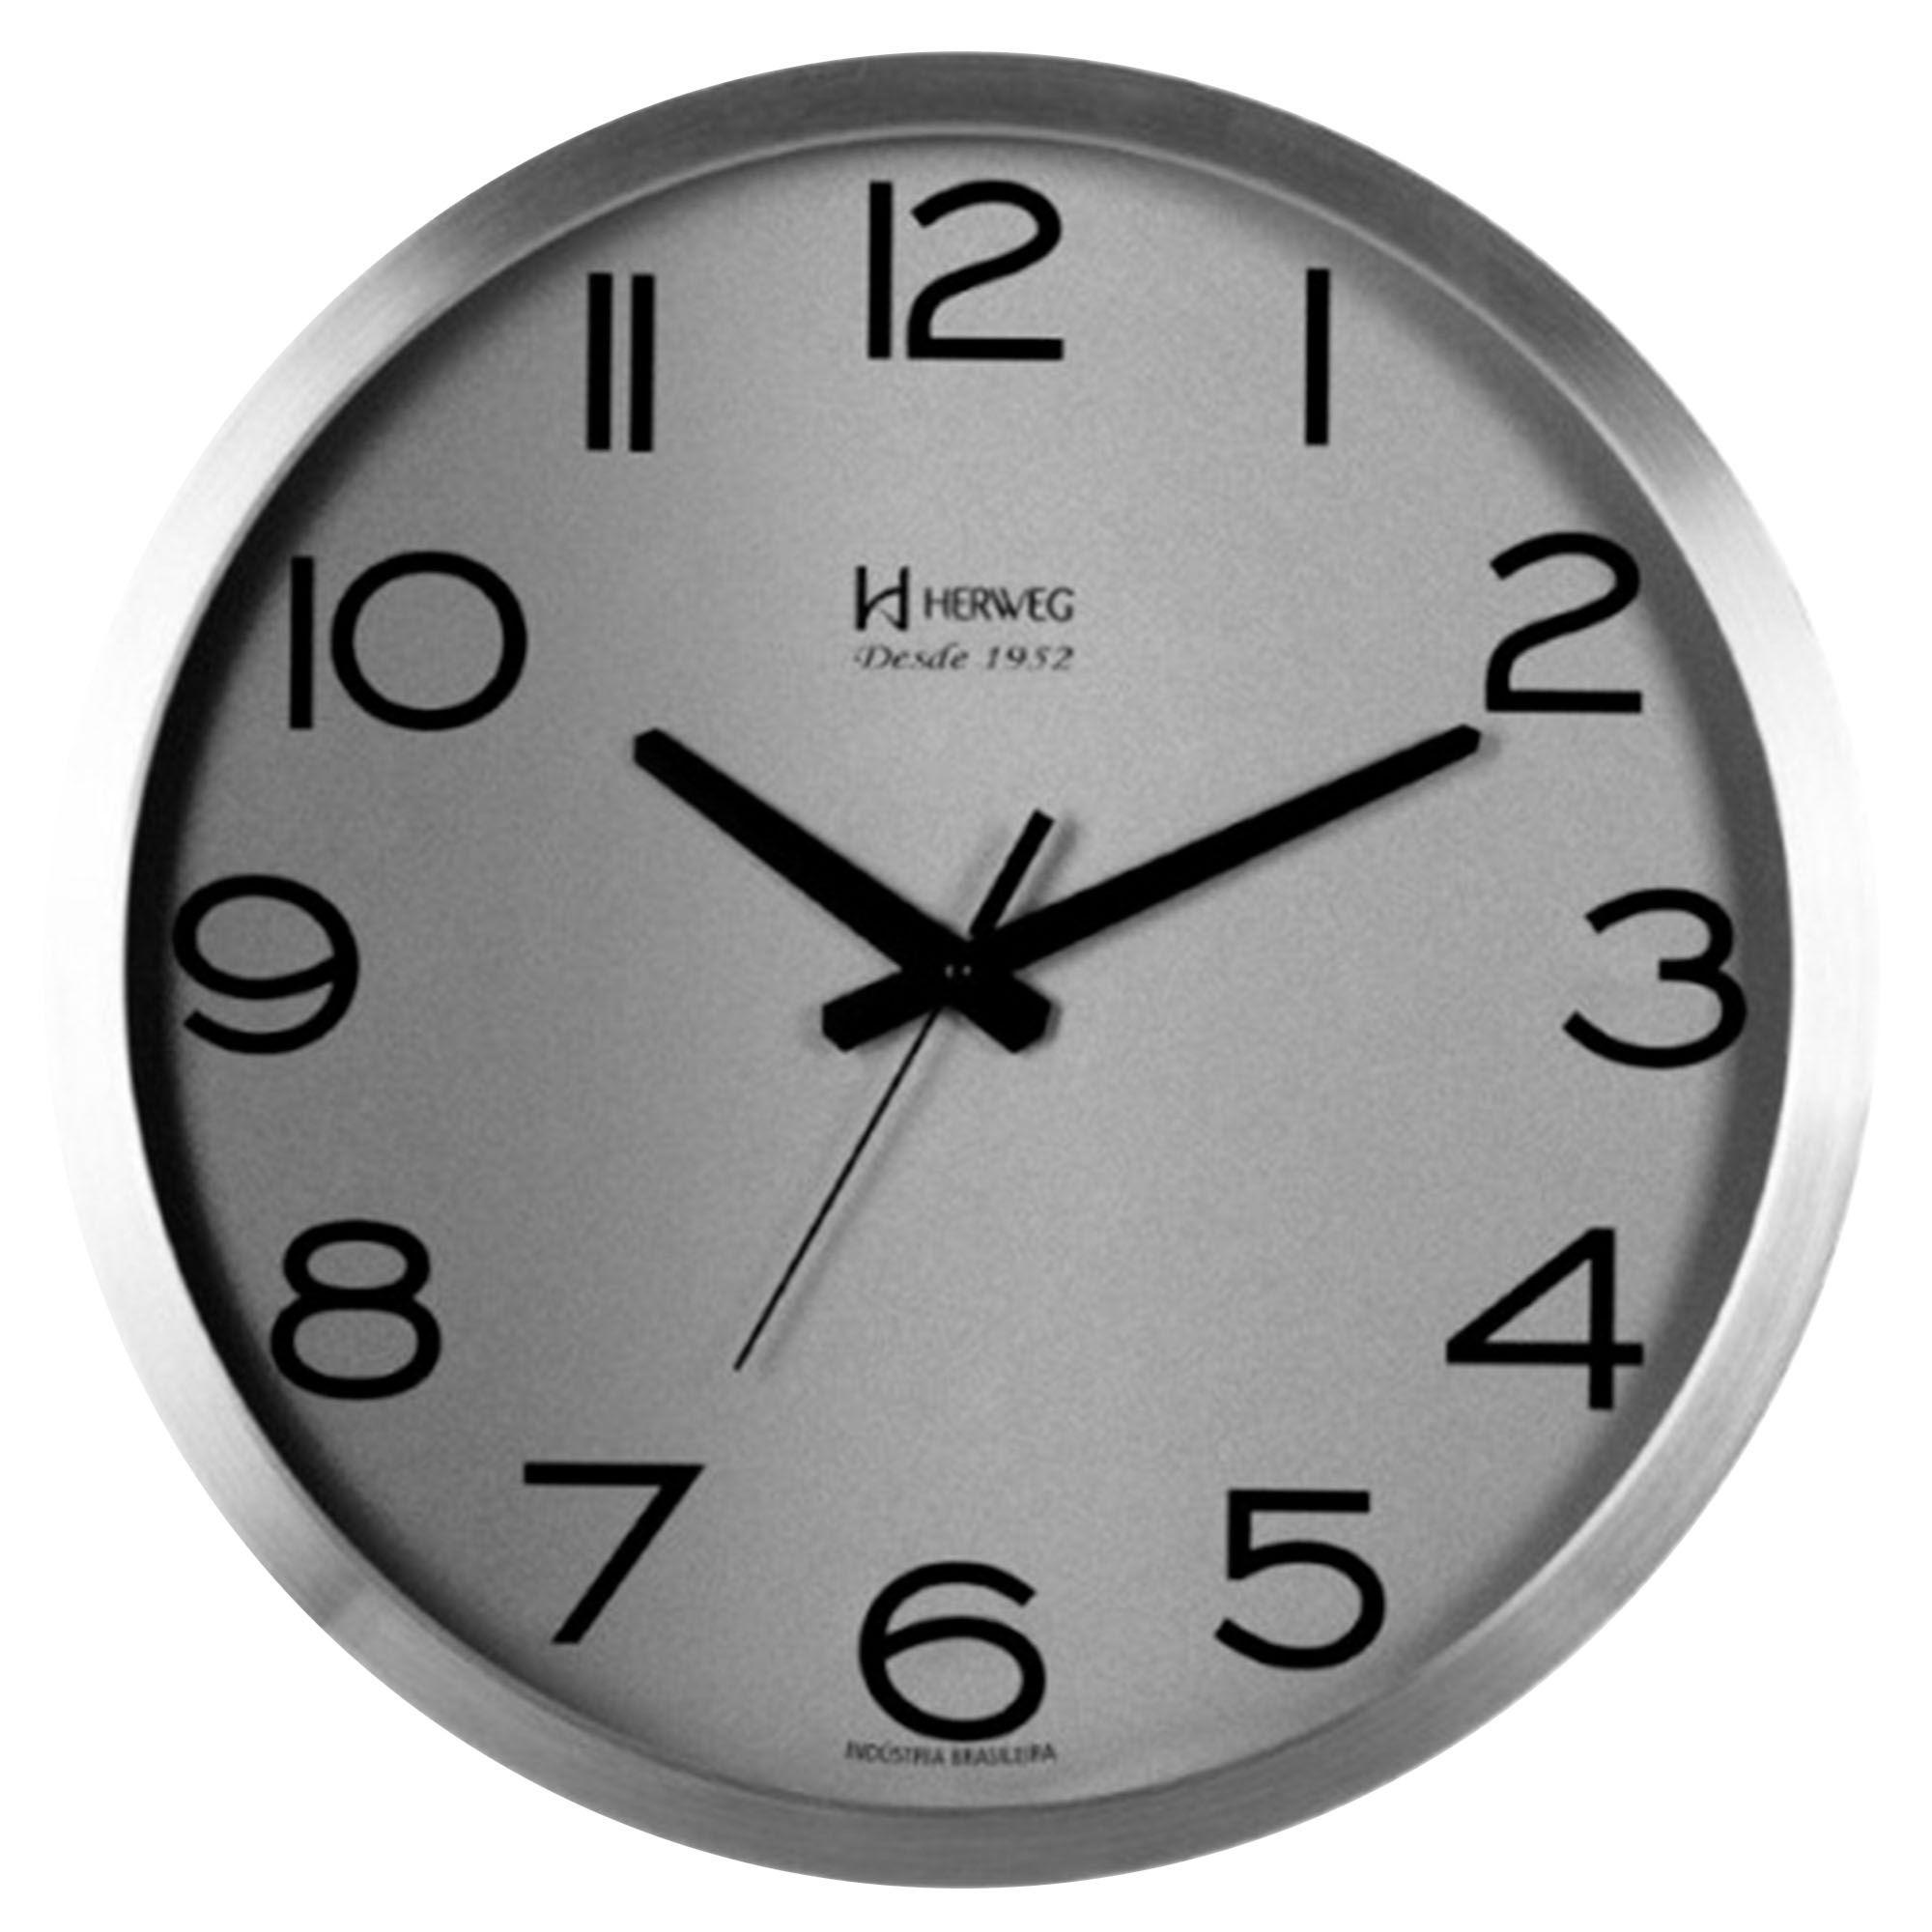 Relógio de Parede Analógico Herweg 6717 079 Alumínio